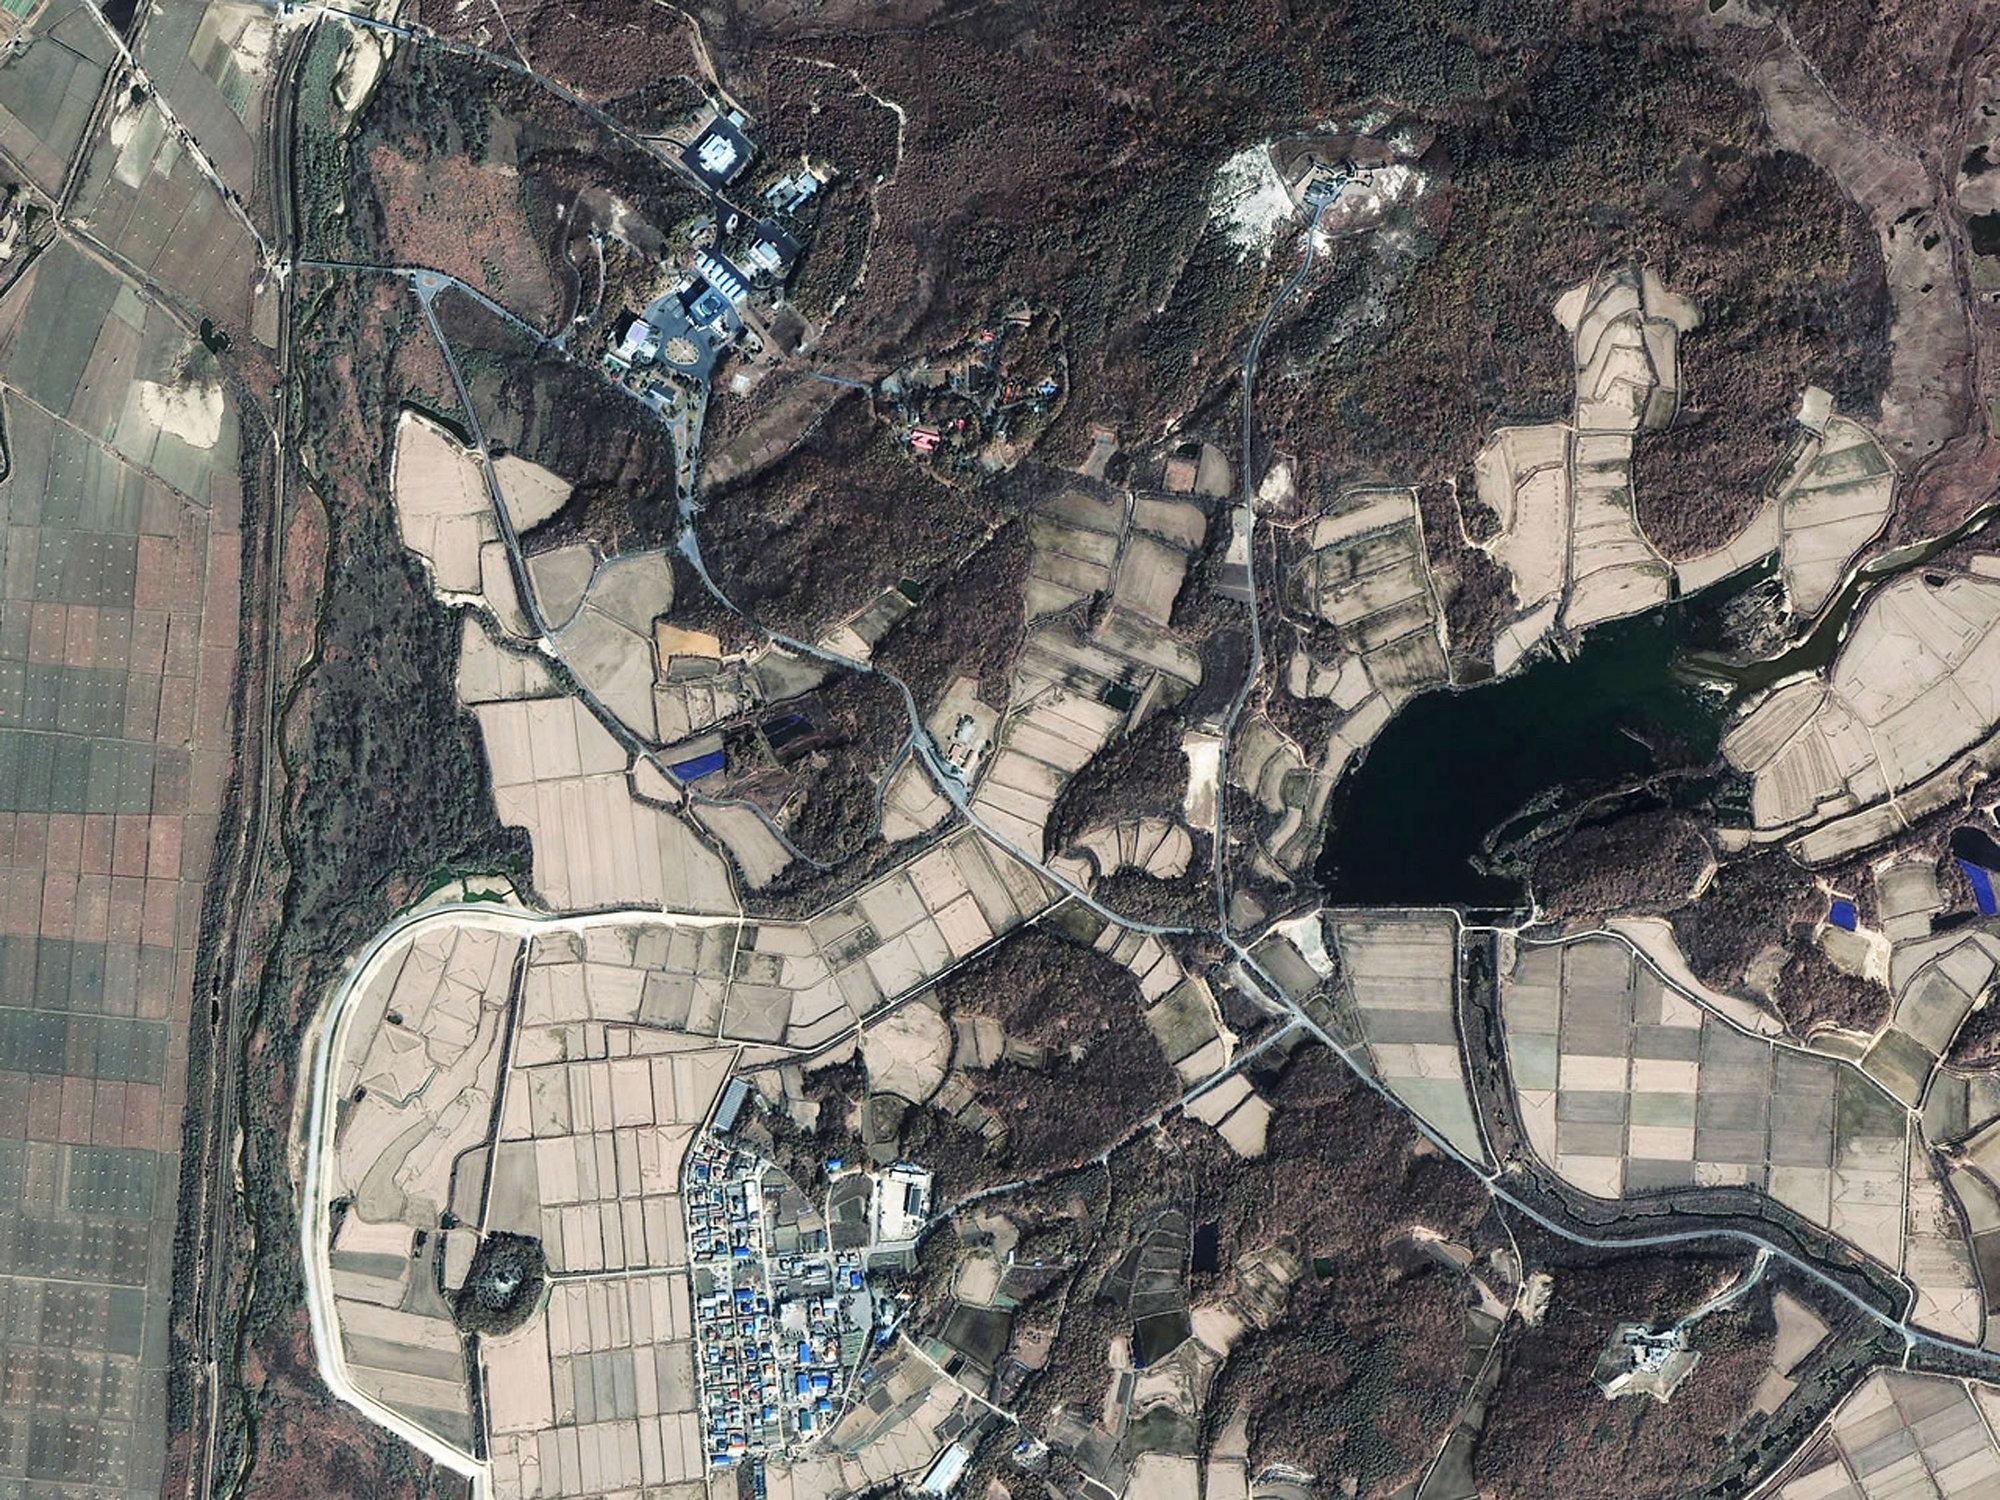 Corea del Norte podría estar preparando un nuevo ensayo nuclear